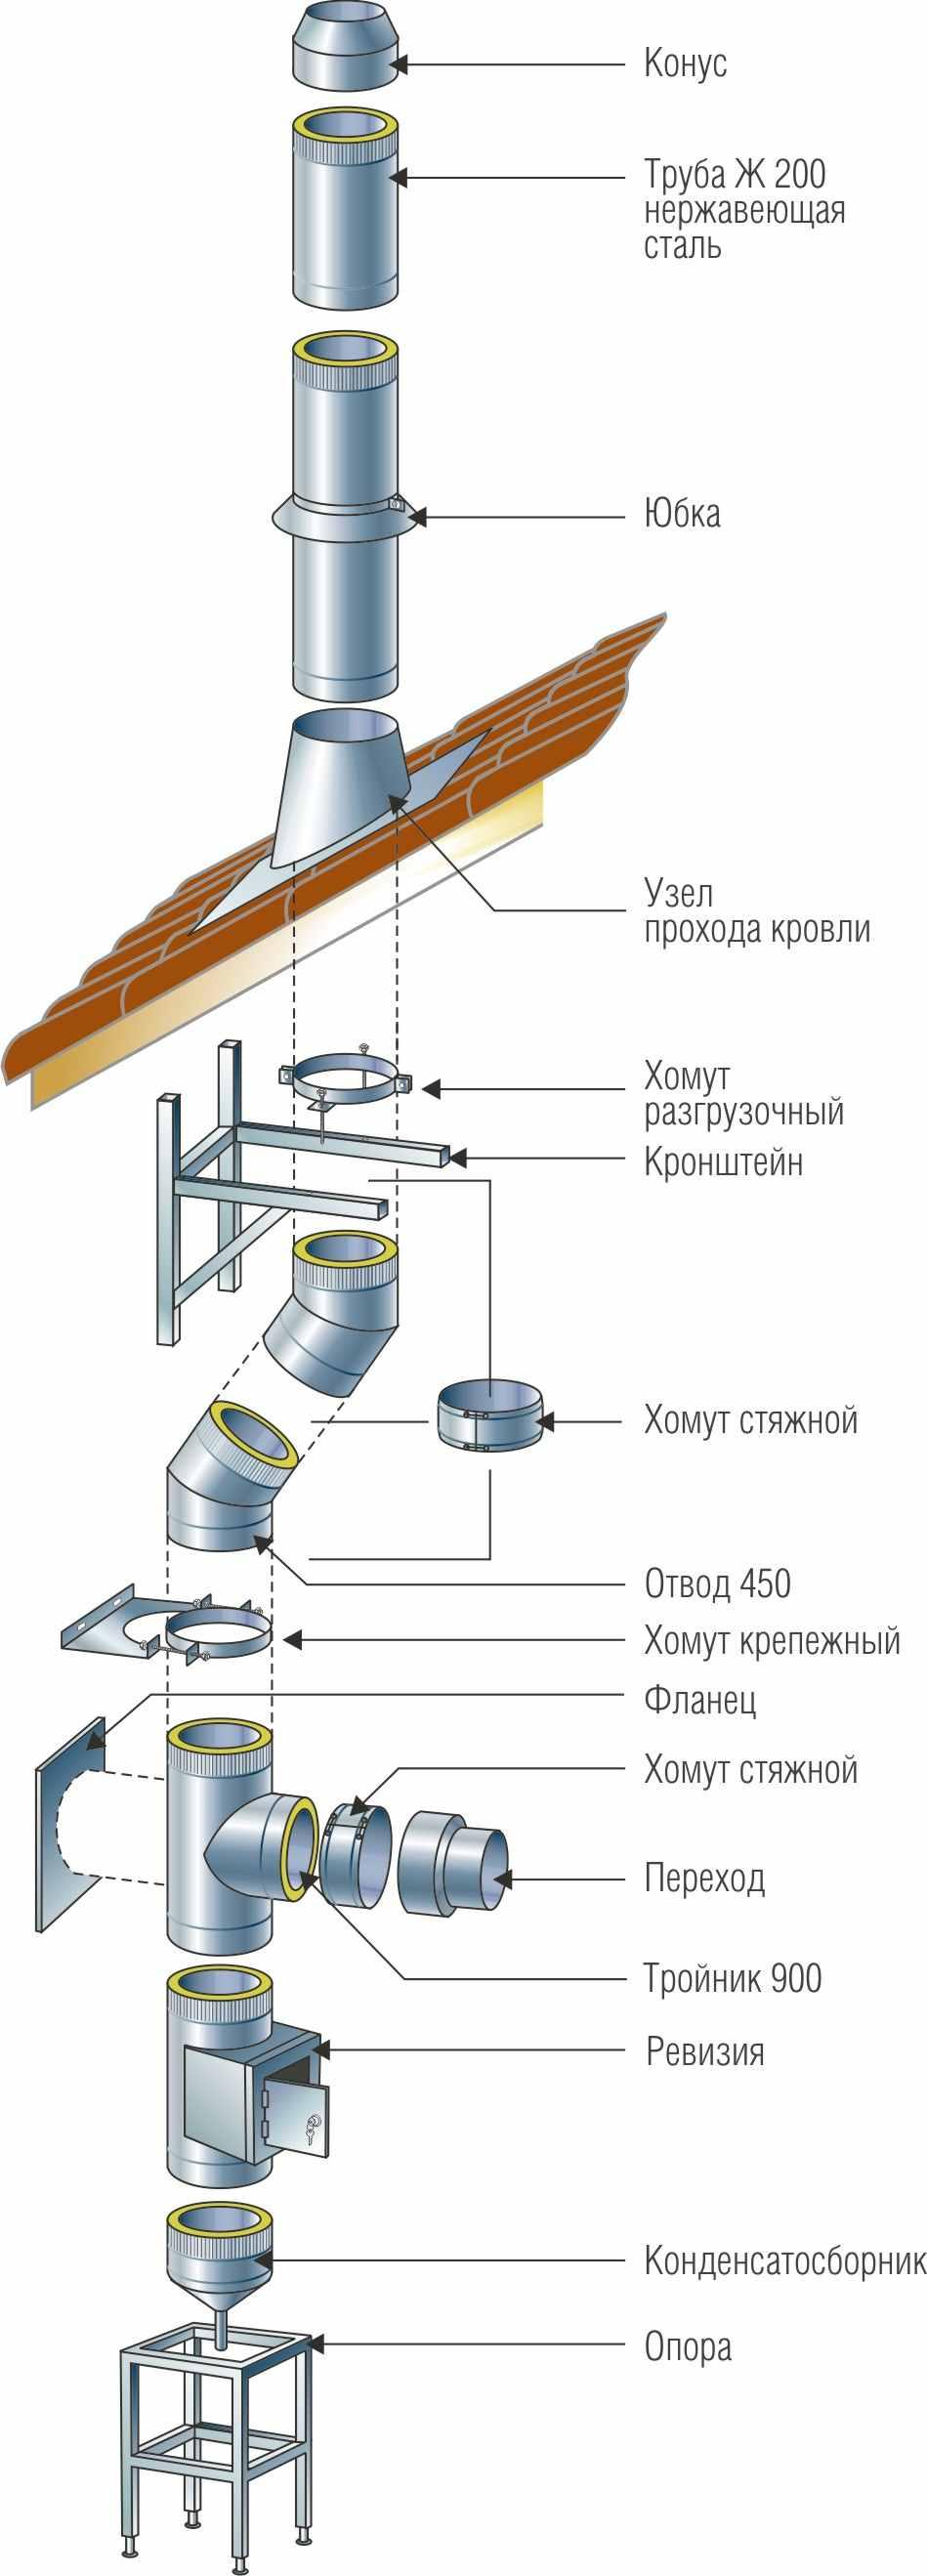 Как собрать дымоход из нержавейки пошаговая инструкция